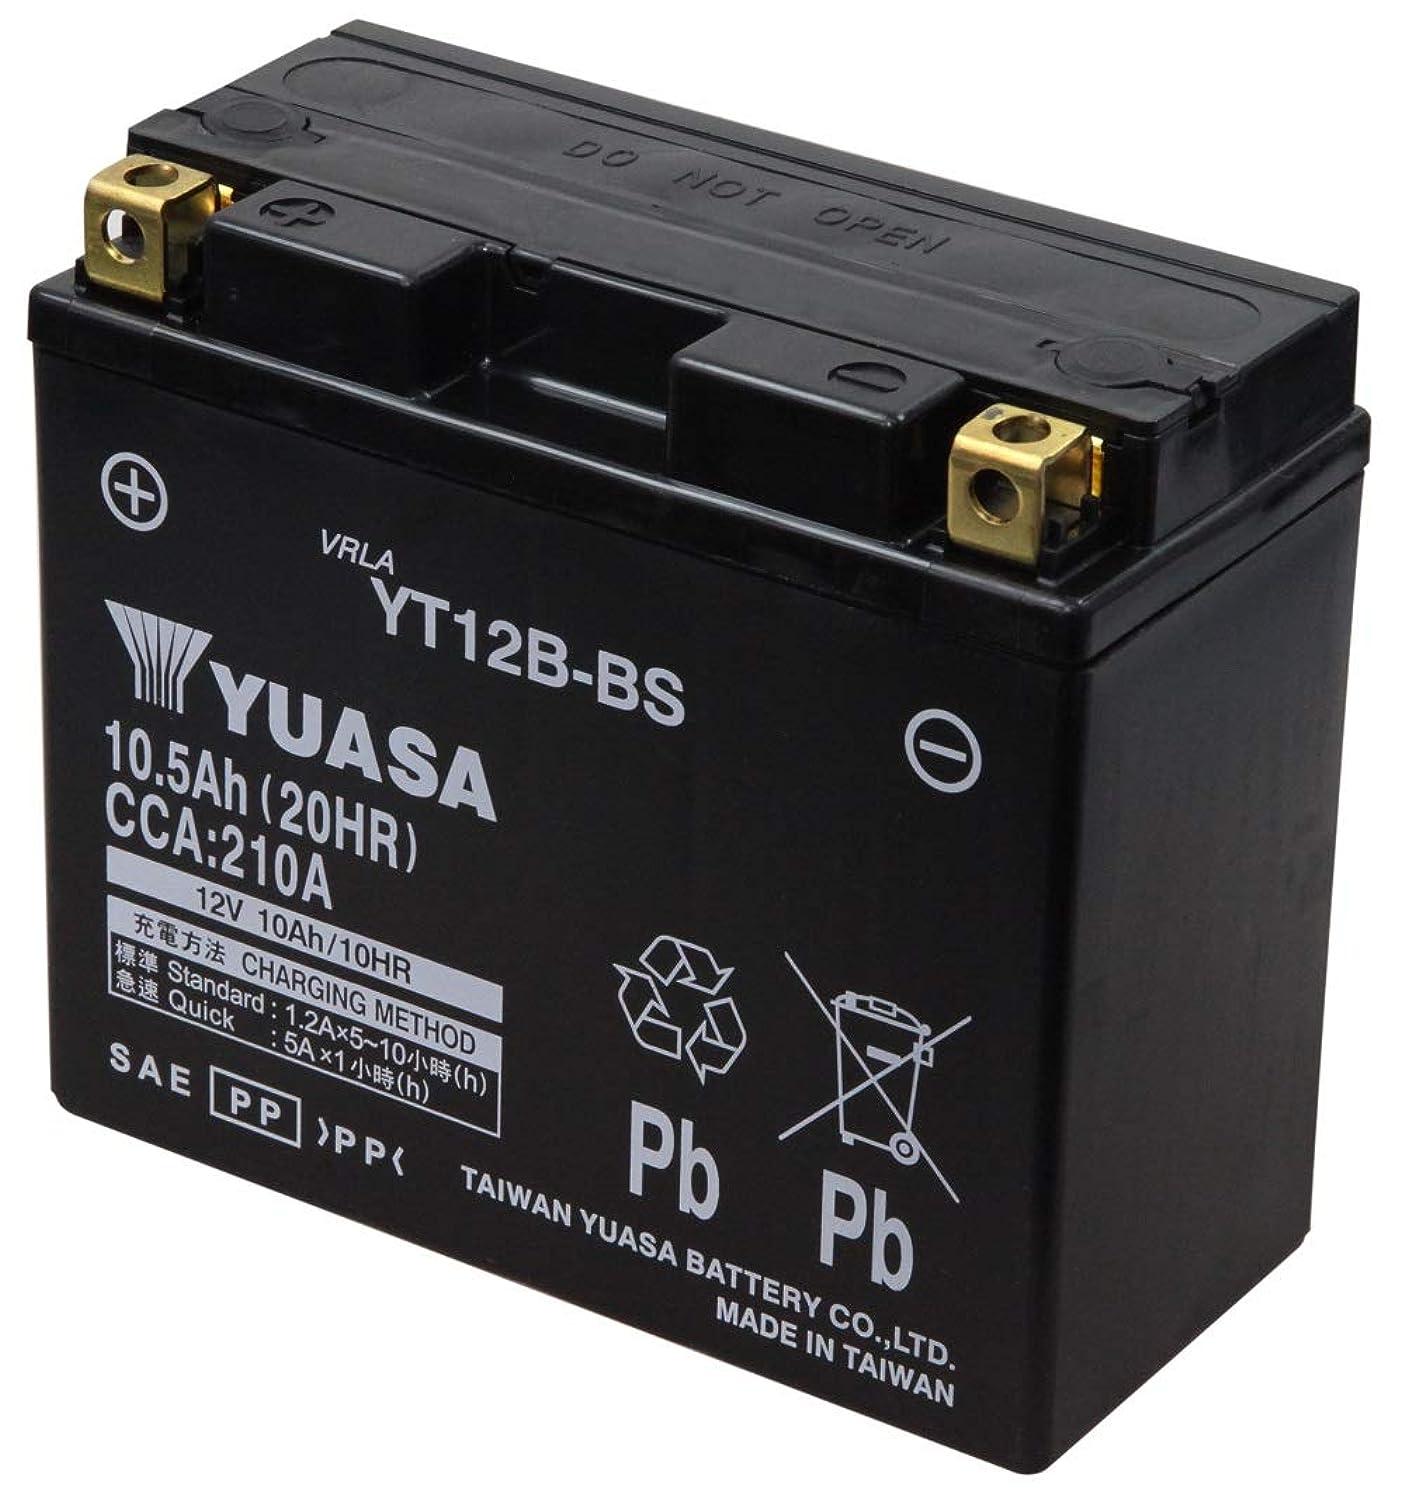 ハンカチ損傷ジョブLONG 12V9Ah 高性能 シールドバッテリー WP1236W WP1236W